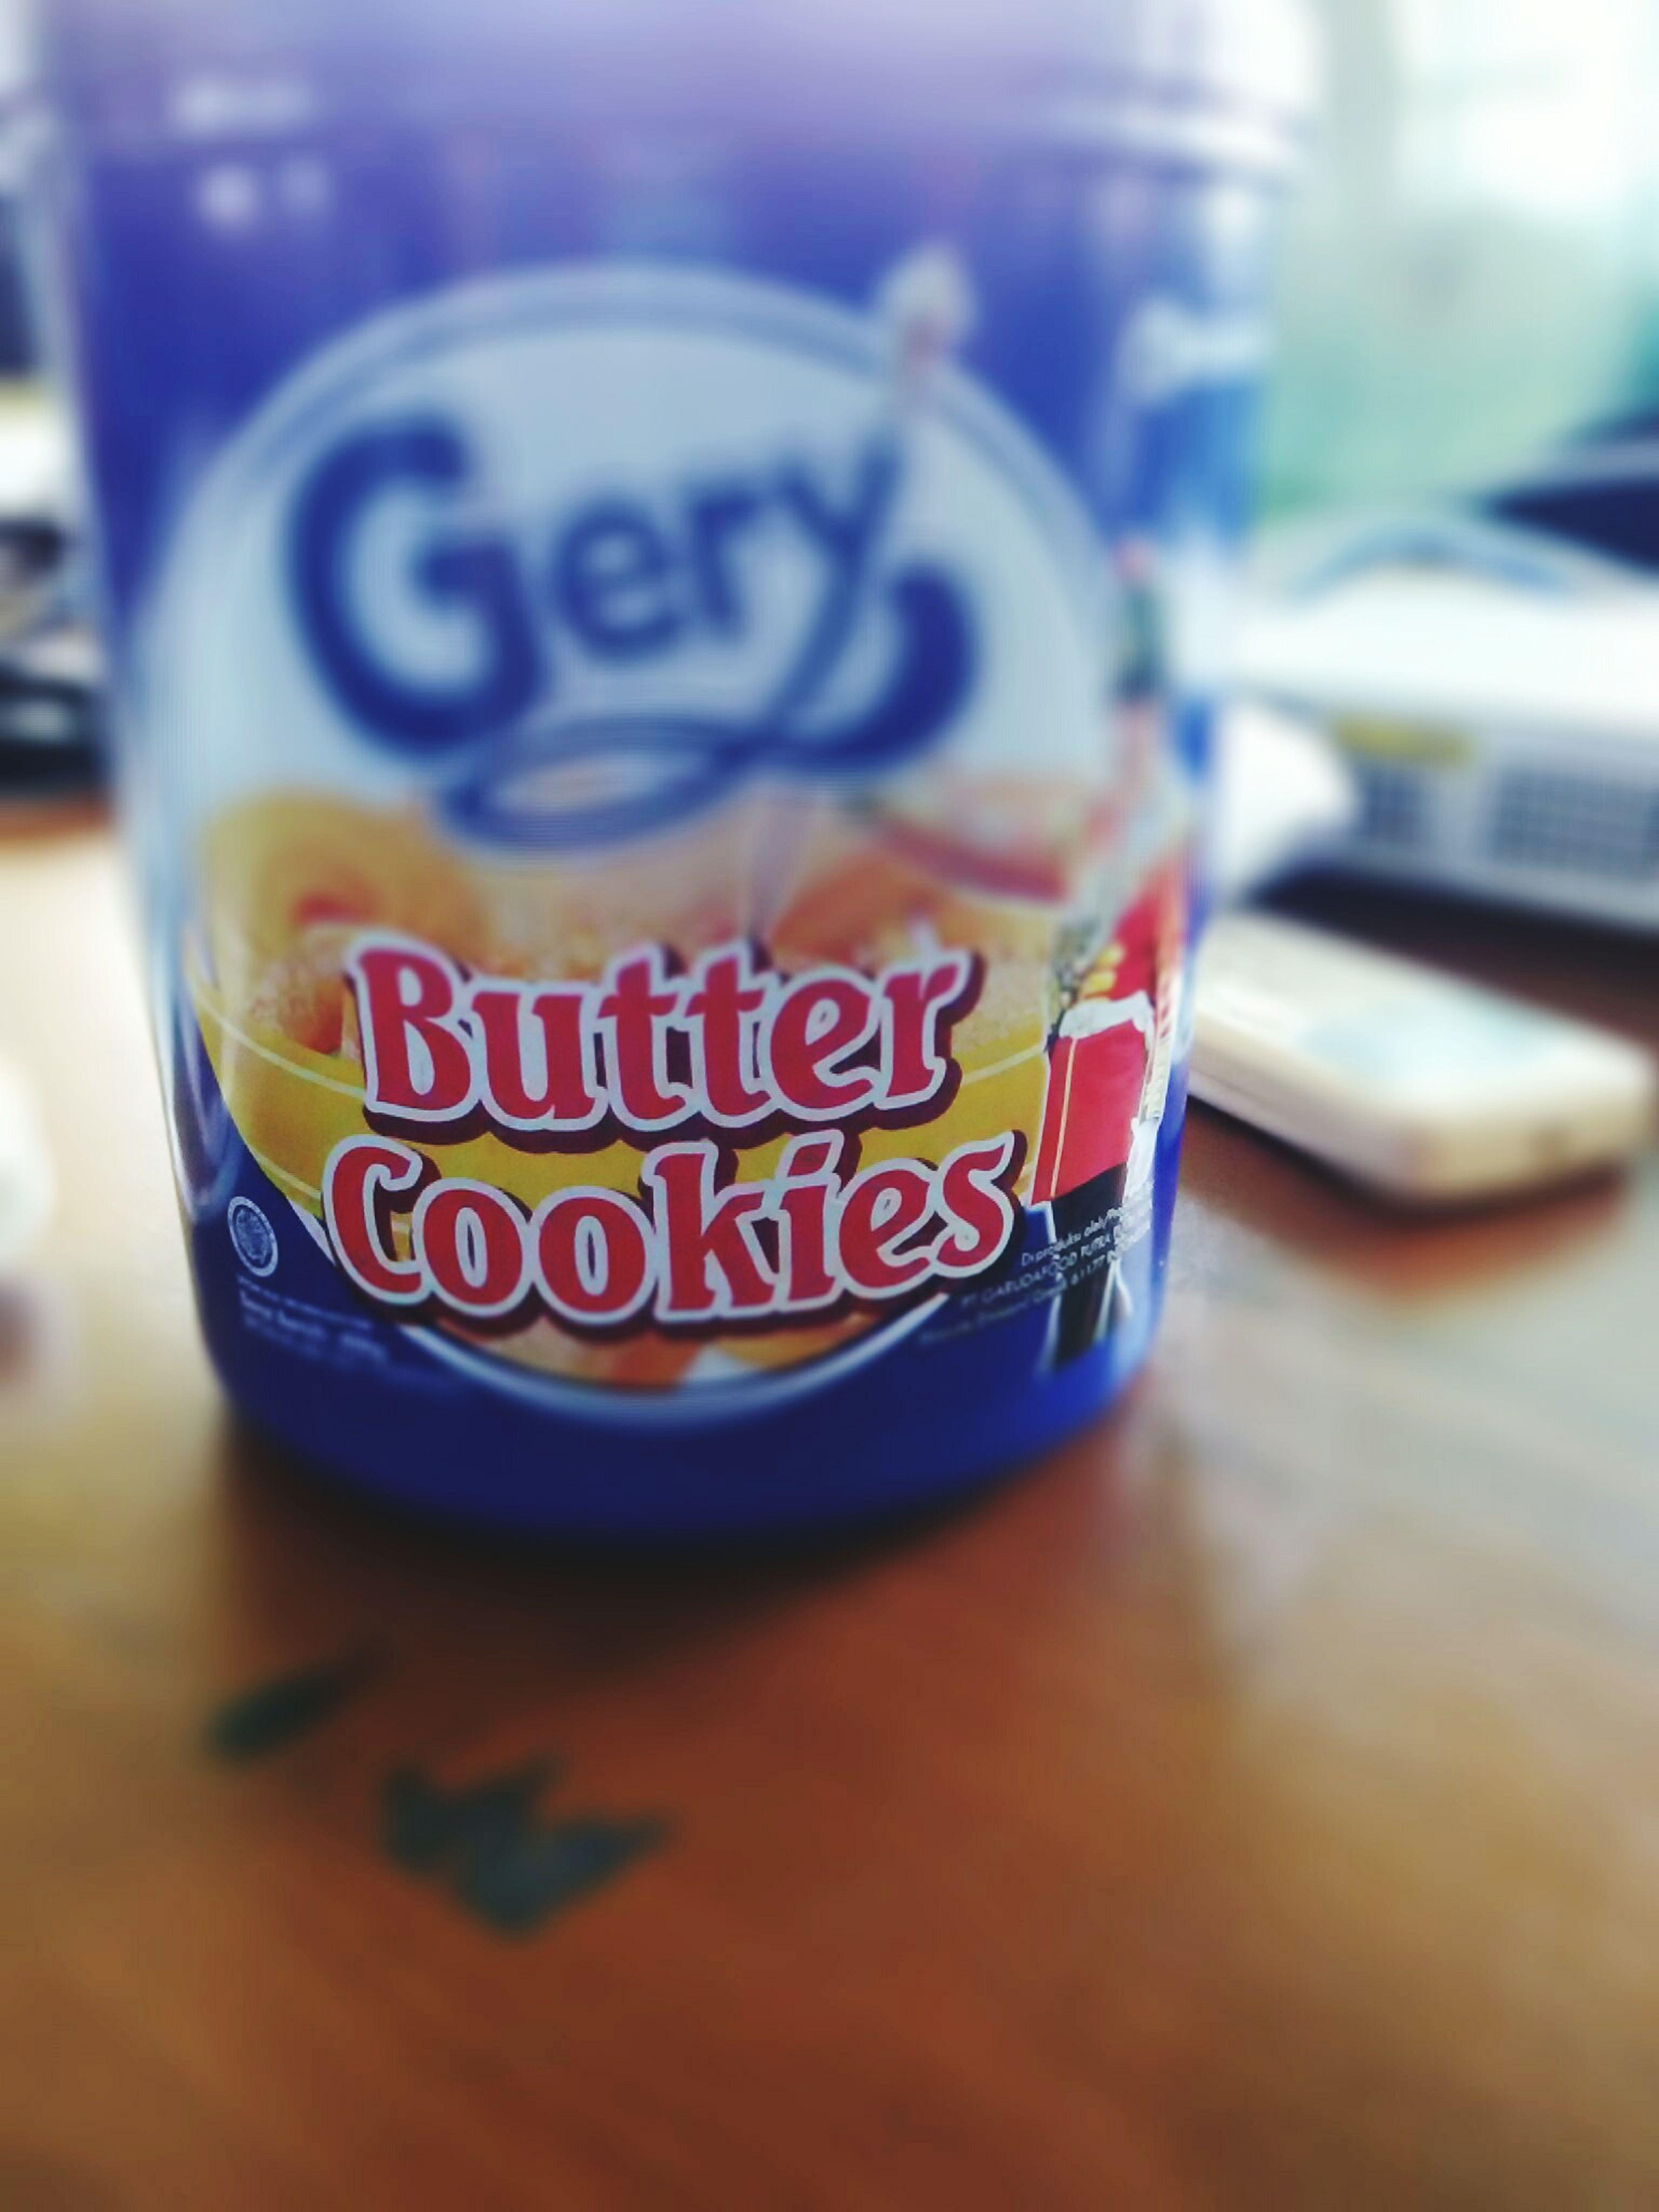 Gerybuttercookies Ngemil2 Lucu